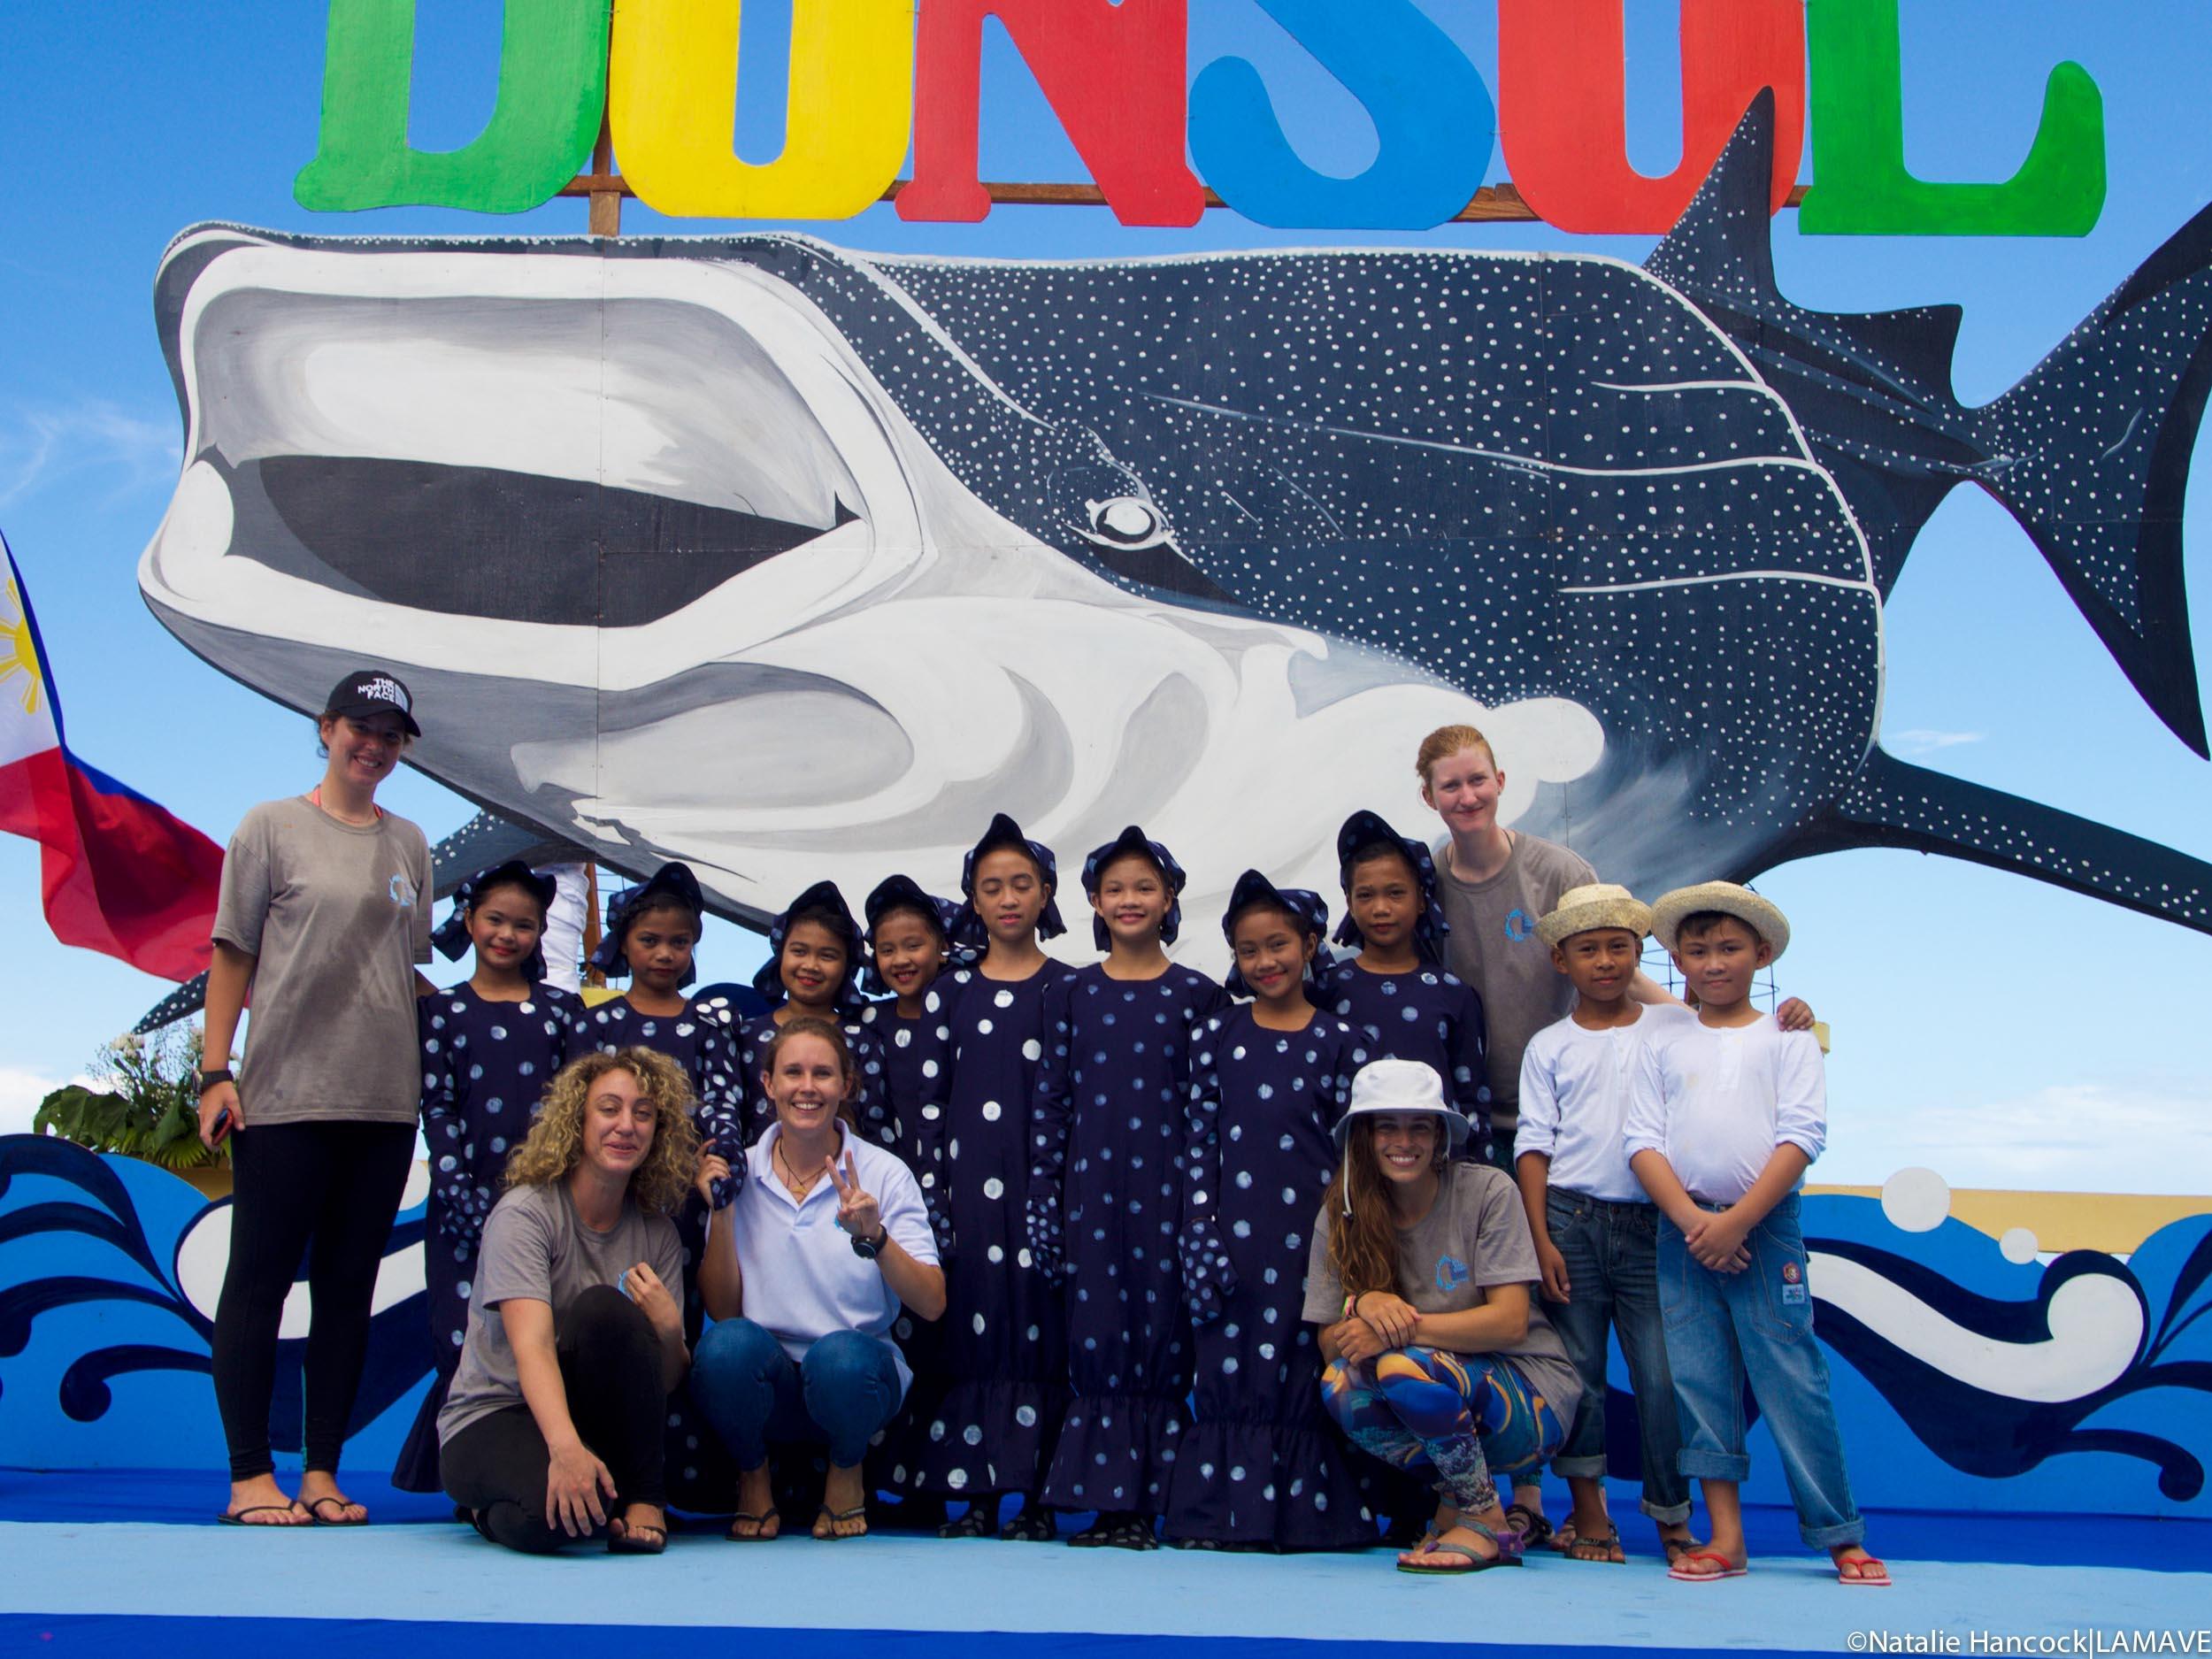 donsol-butanding-whale-shark-festival-lamave